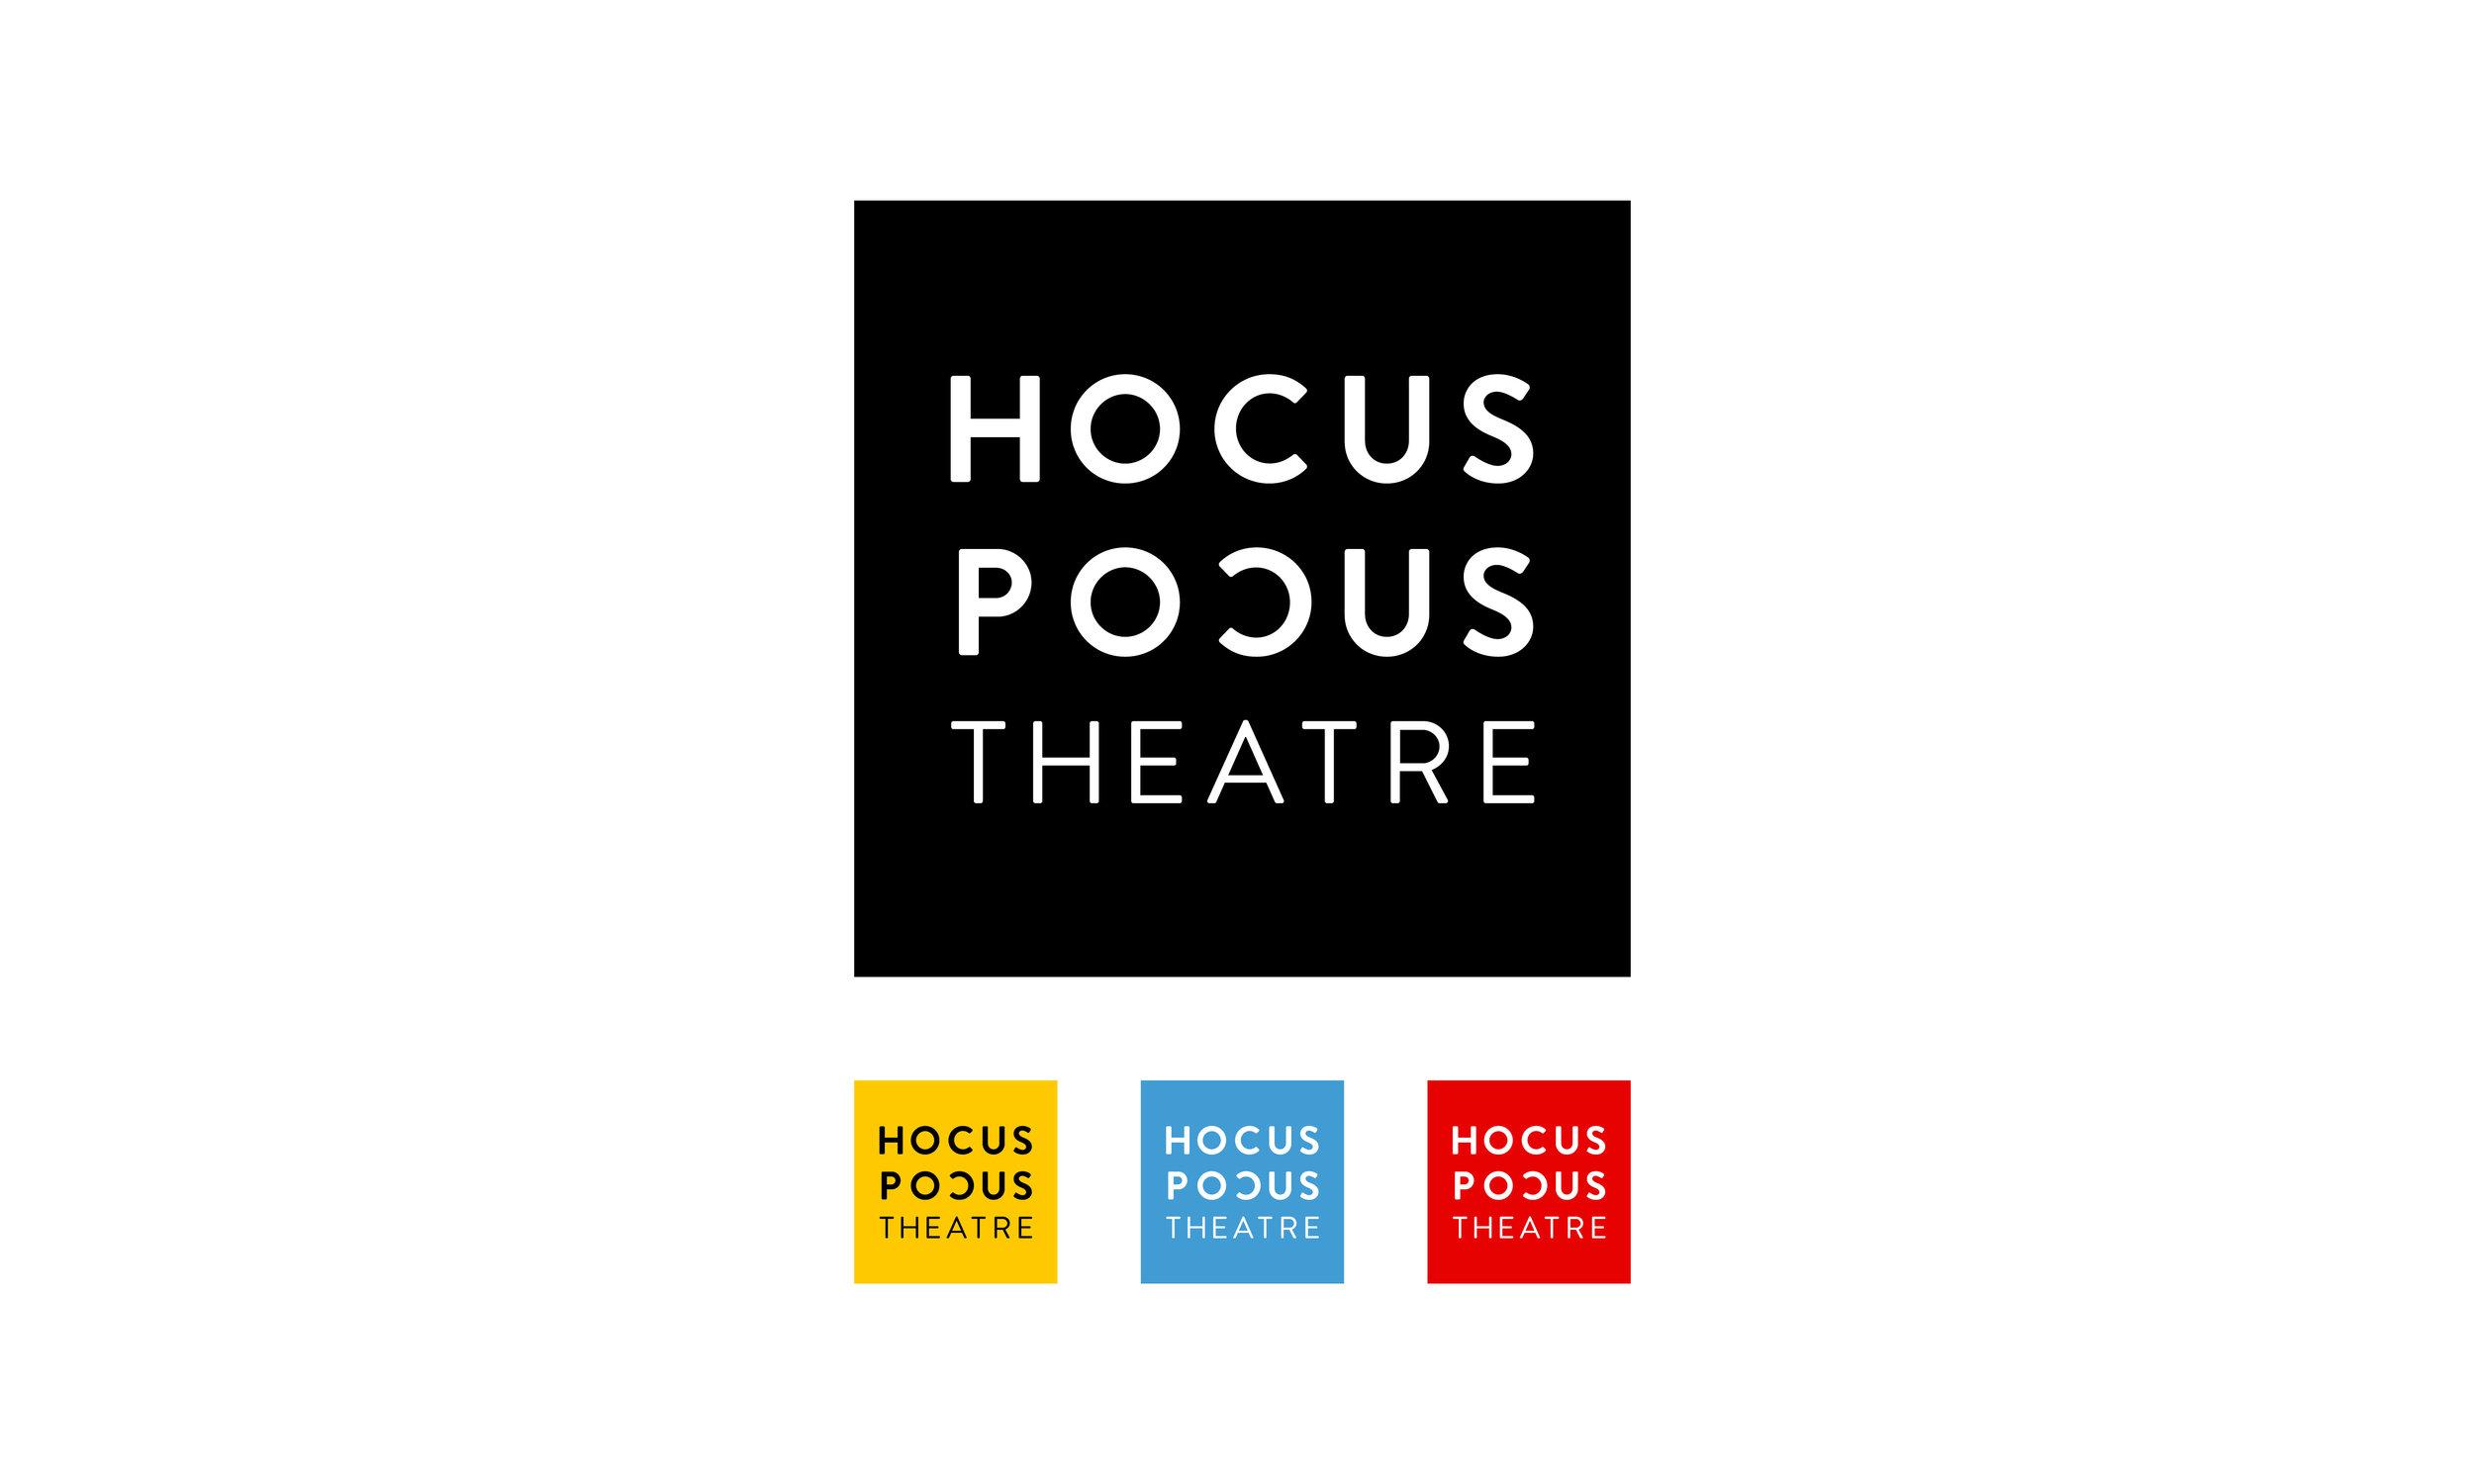 Client: Hocus Pocus Theatre